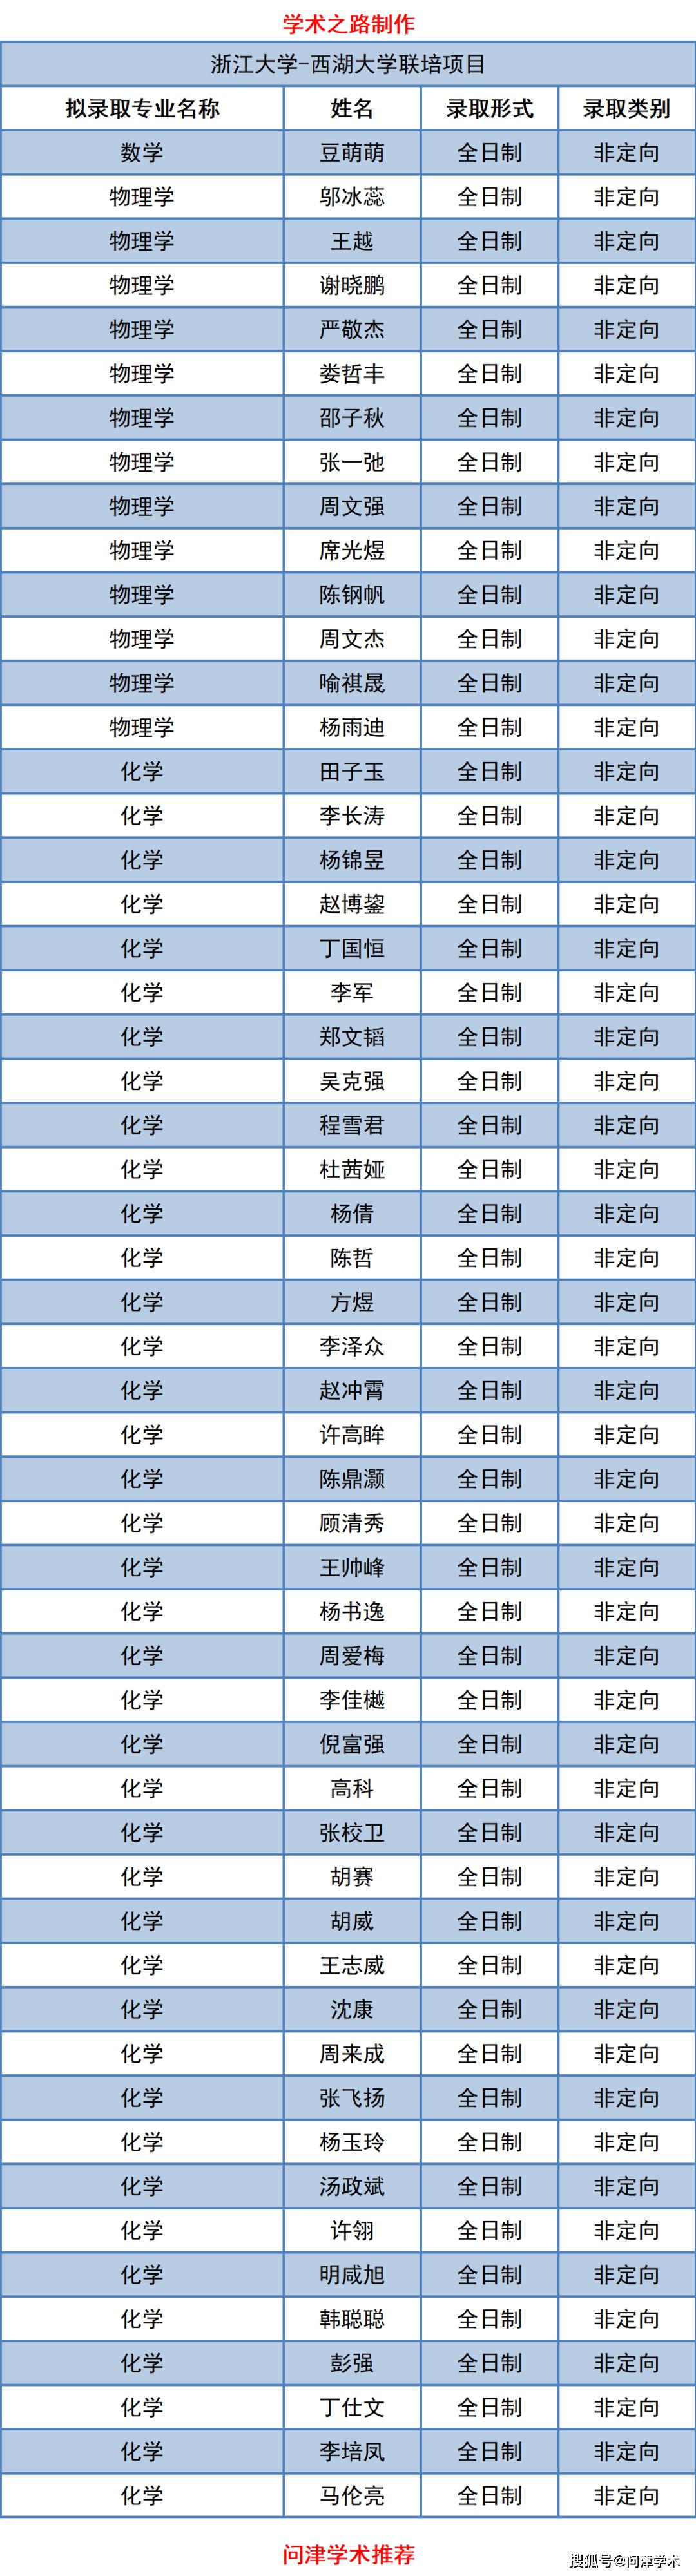 浙江大学-西湖大学联培项目2021年秋季博士研究生拟录取名单公示,216人!